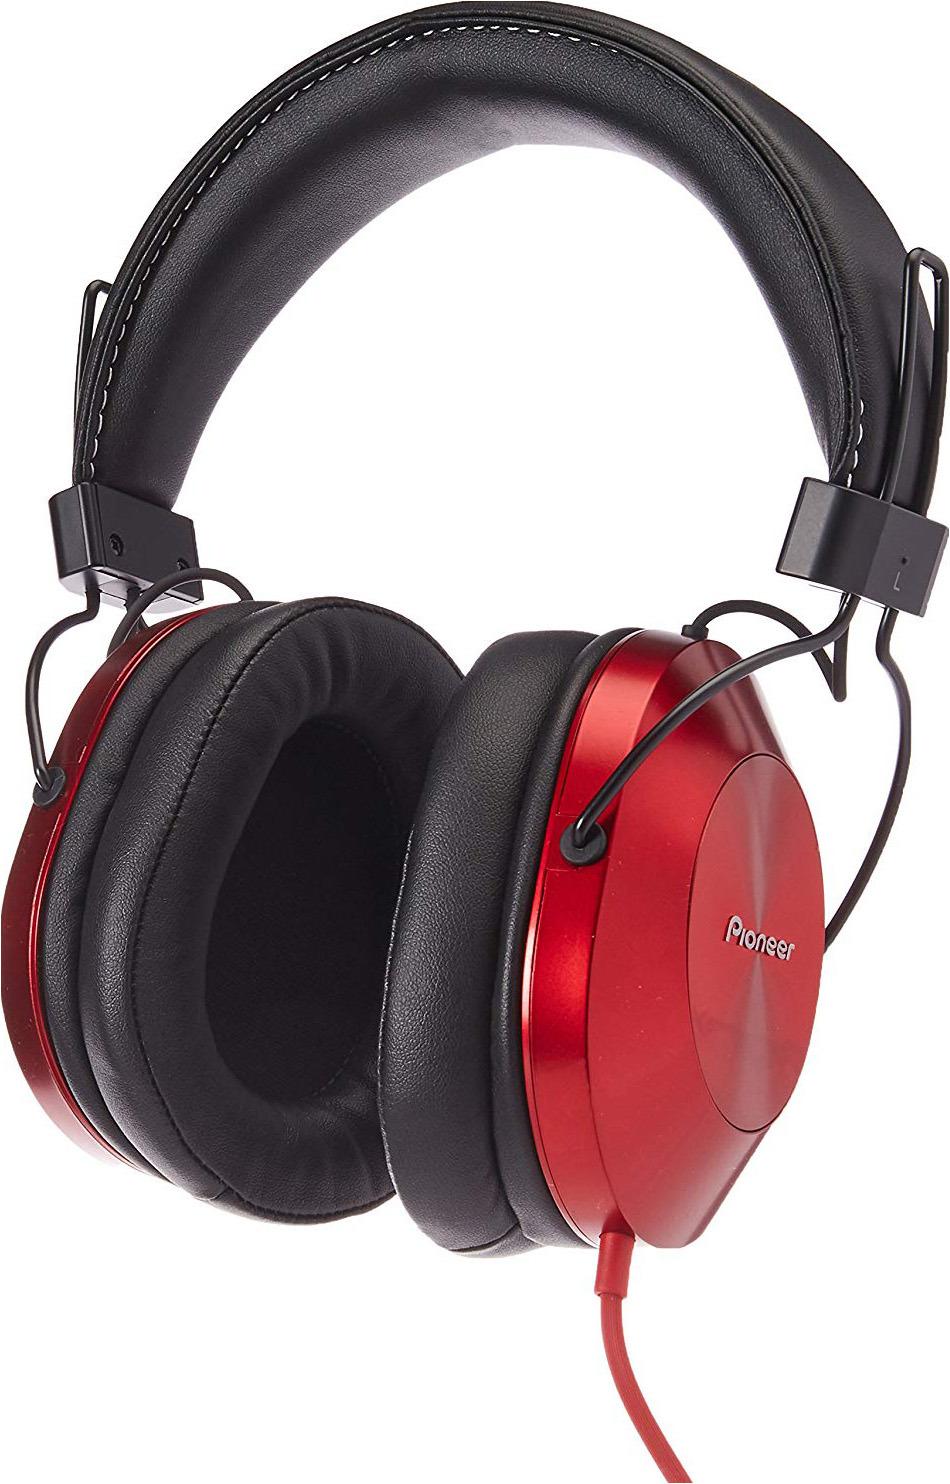 Гарнитура Pioneer, SE-MS5T-R, красный устройство для записи телефонных звонков photofast call recorder